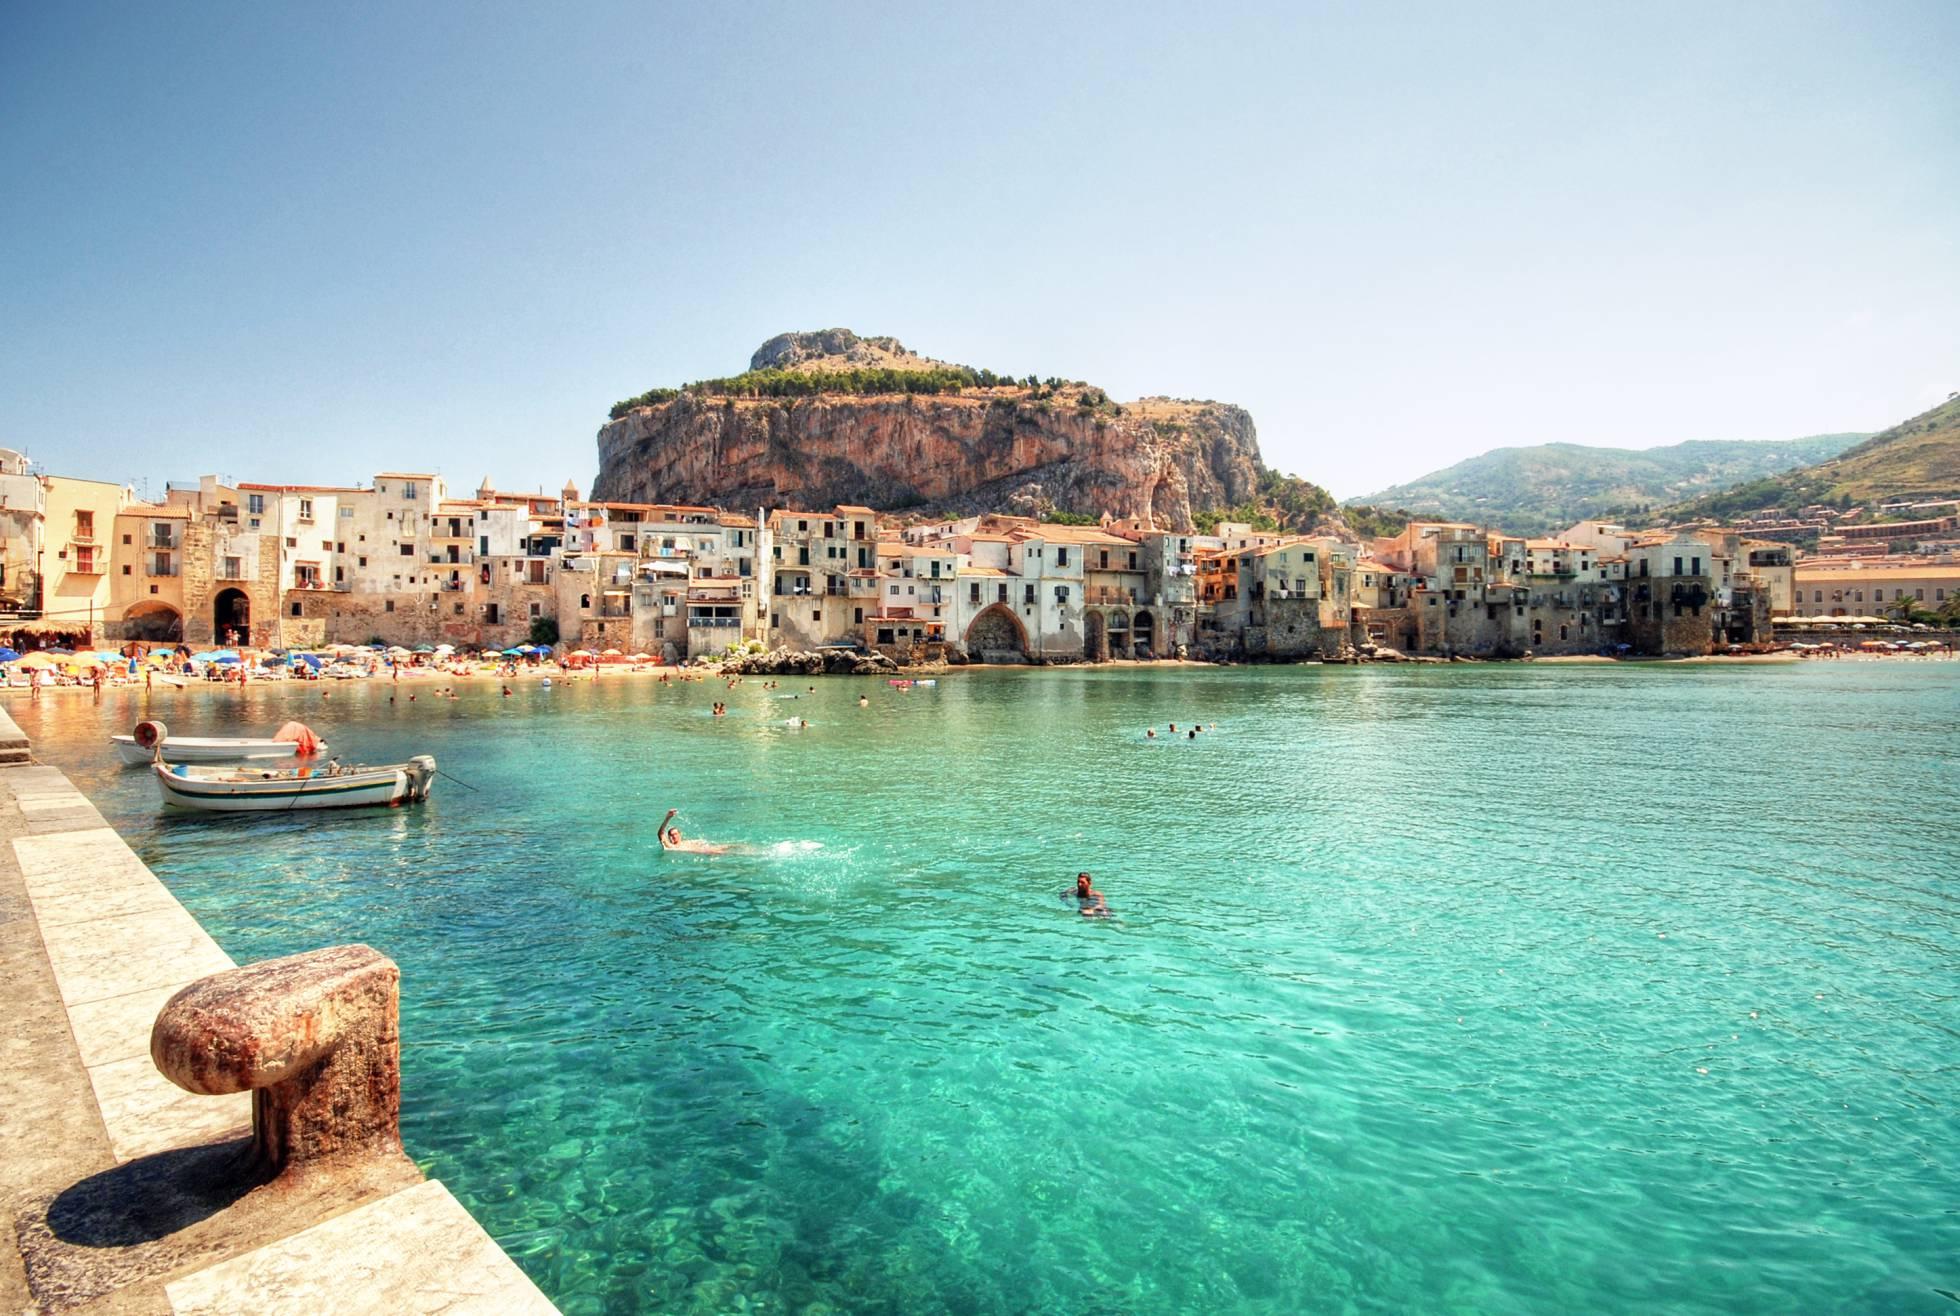 Cefalú, la idílica localidad costera de la costa norte de Sicilia donde Aleister Crowley construyó una abadía thelemita y de la que acabó siendo expulsado.Getty Images